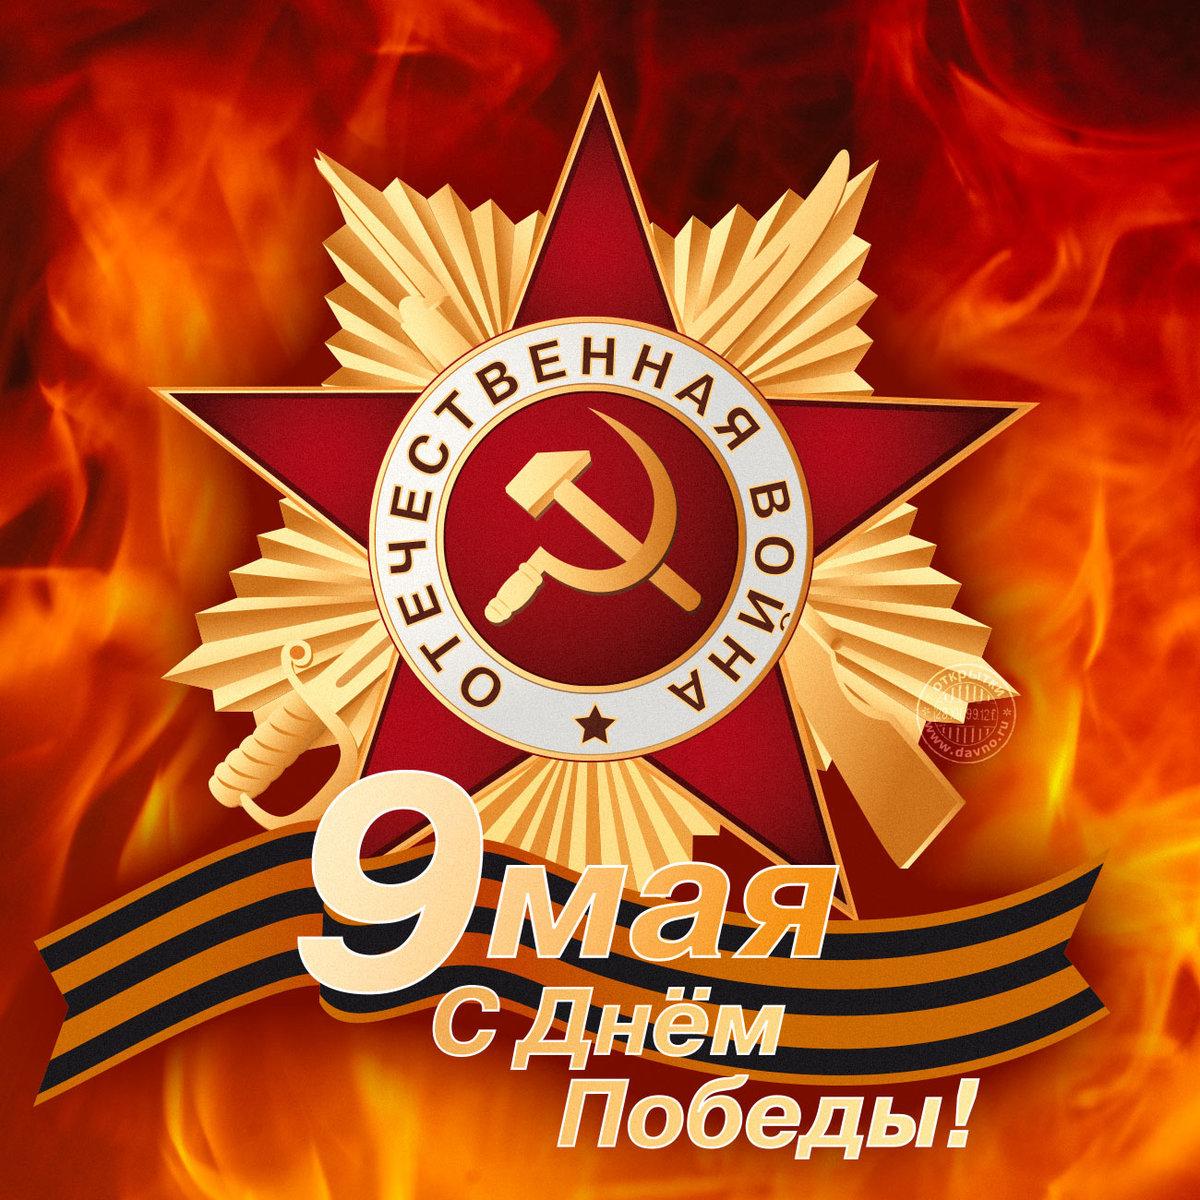 Дорогие земляки! Поздравляем вас с 76-летием победы в Великой Отечественной войне!